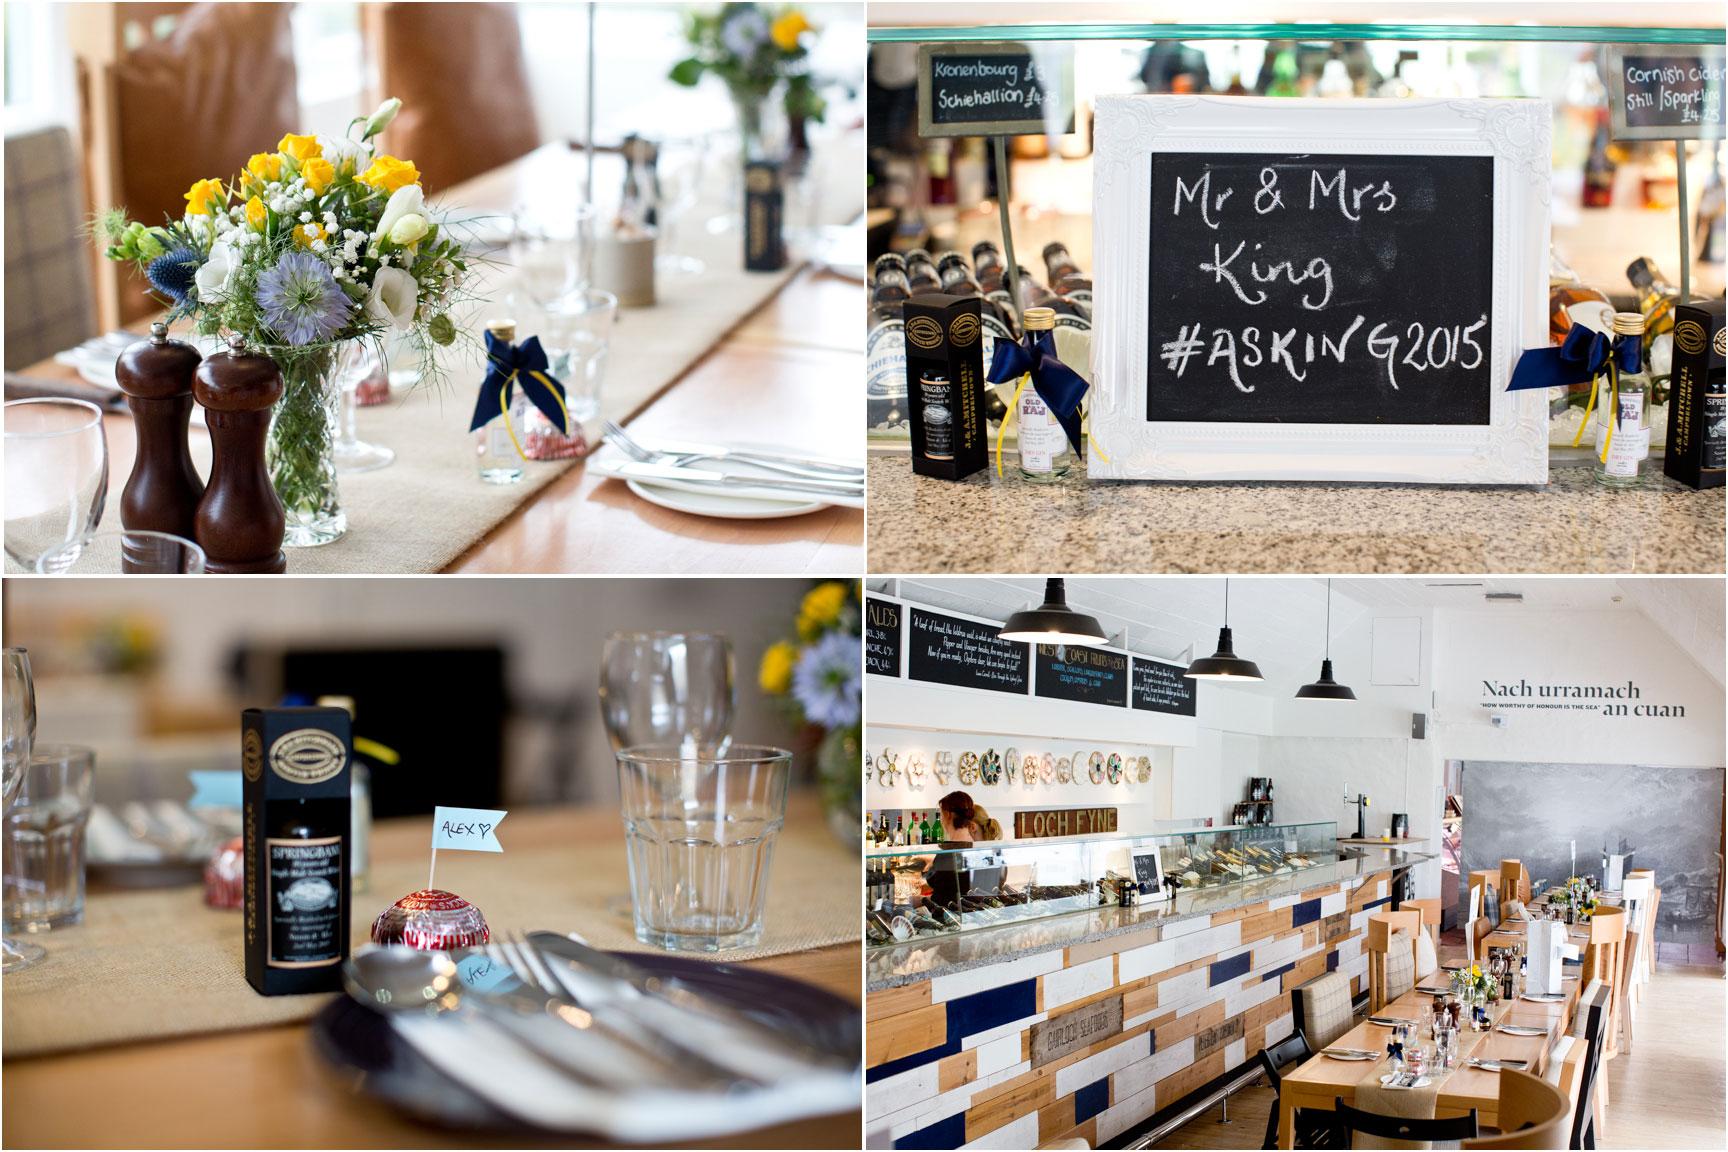 loch-fyne-oysters-wedding